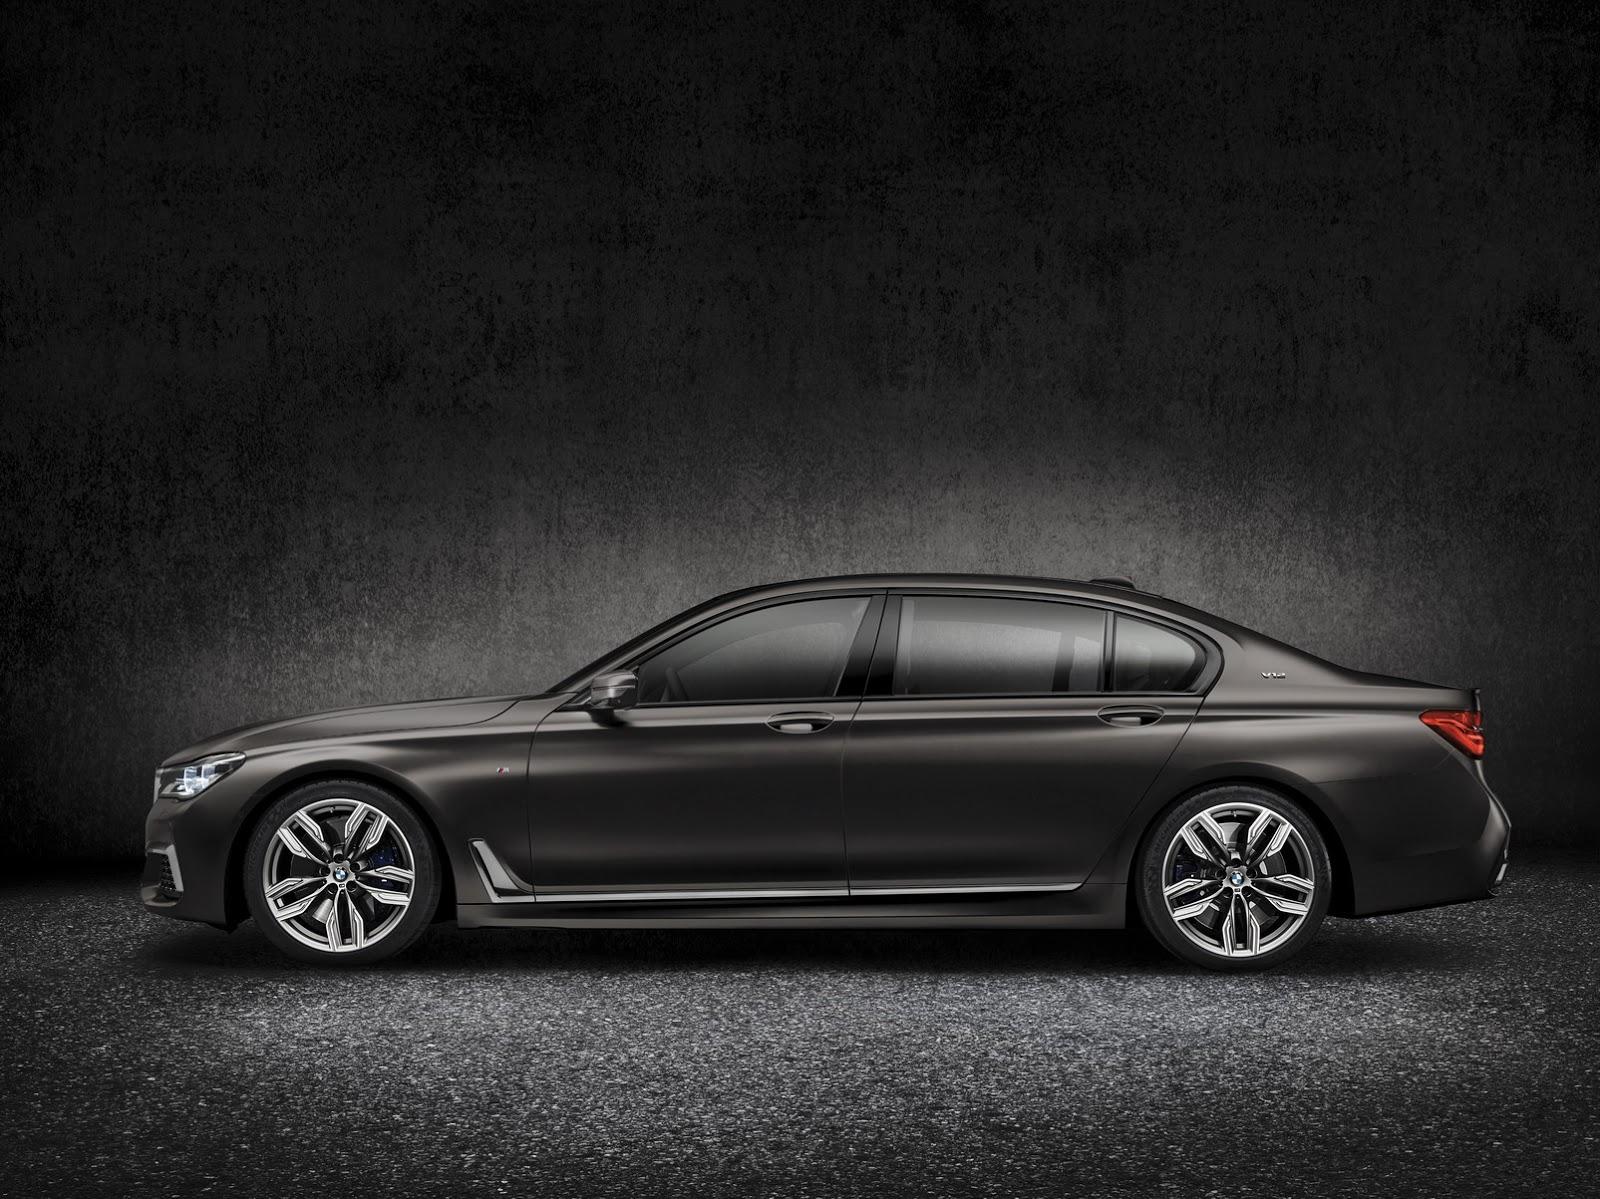 2016 Yeni Kasa BMW M760Li xDrive Teknik Özellikleri